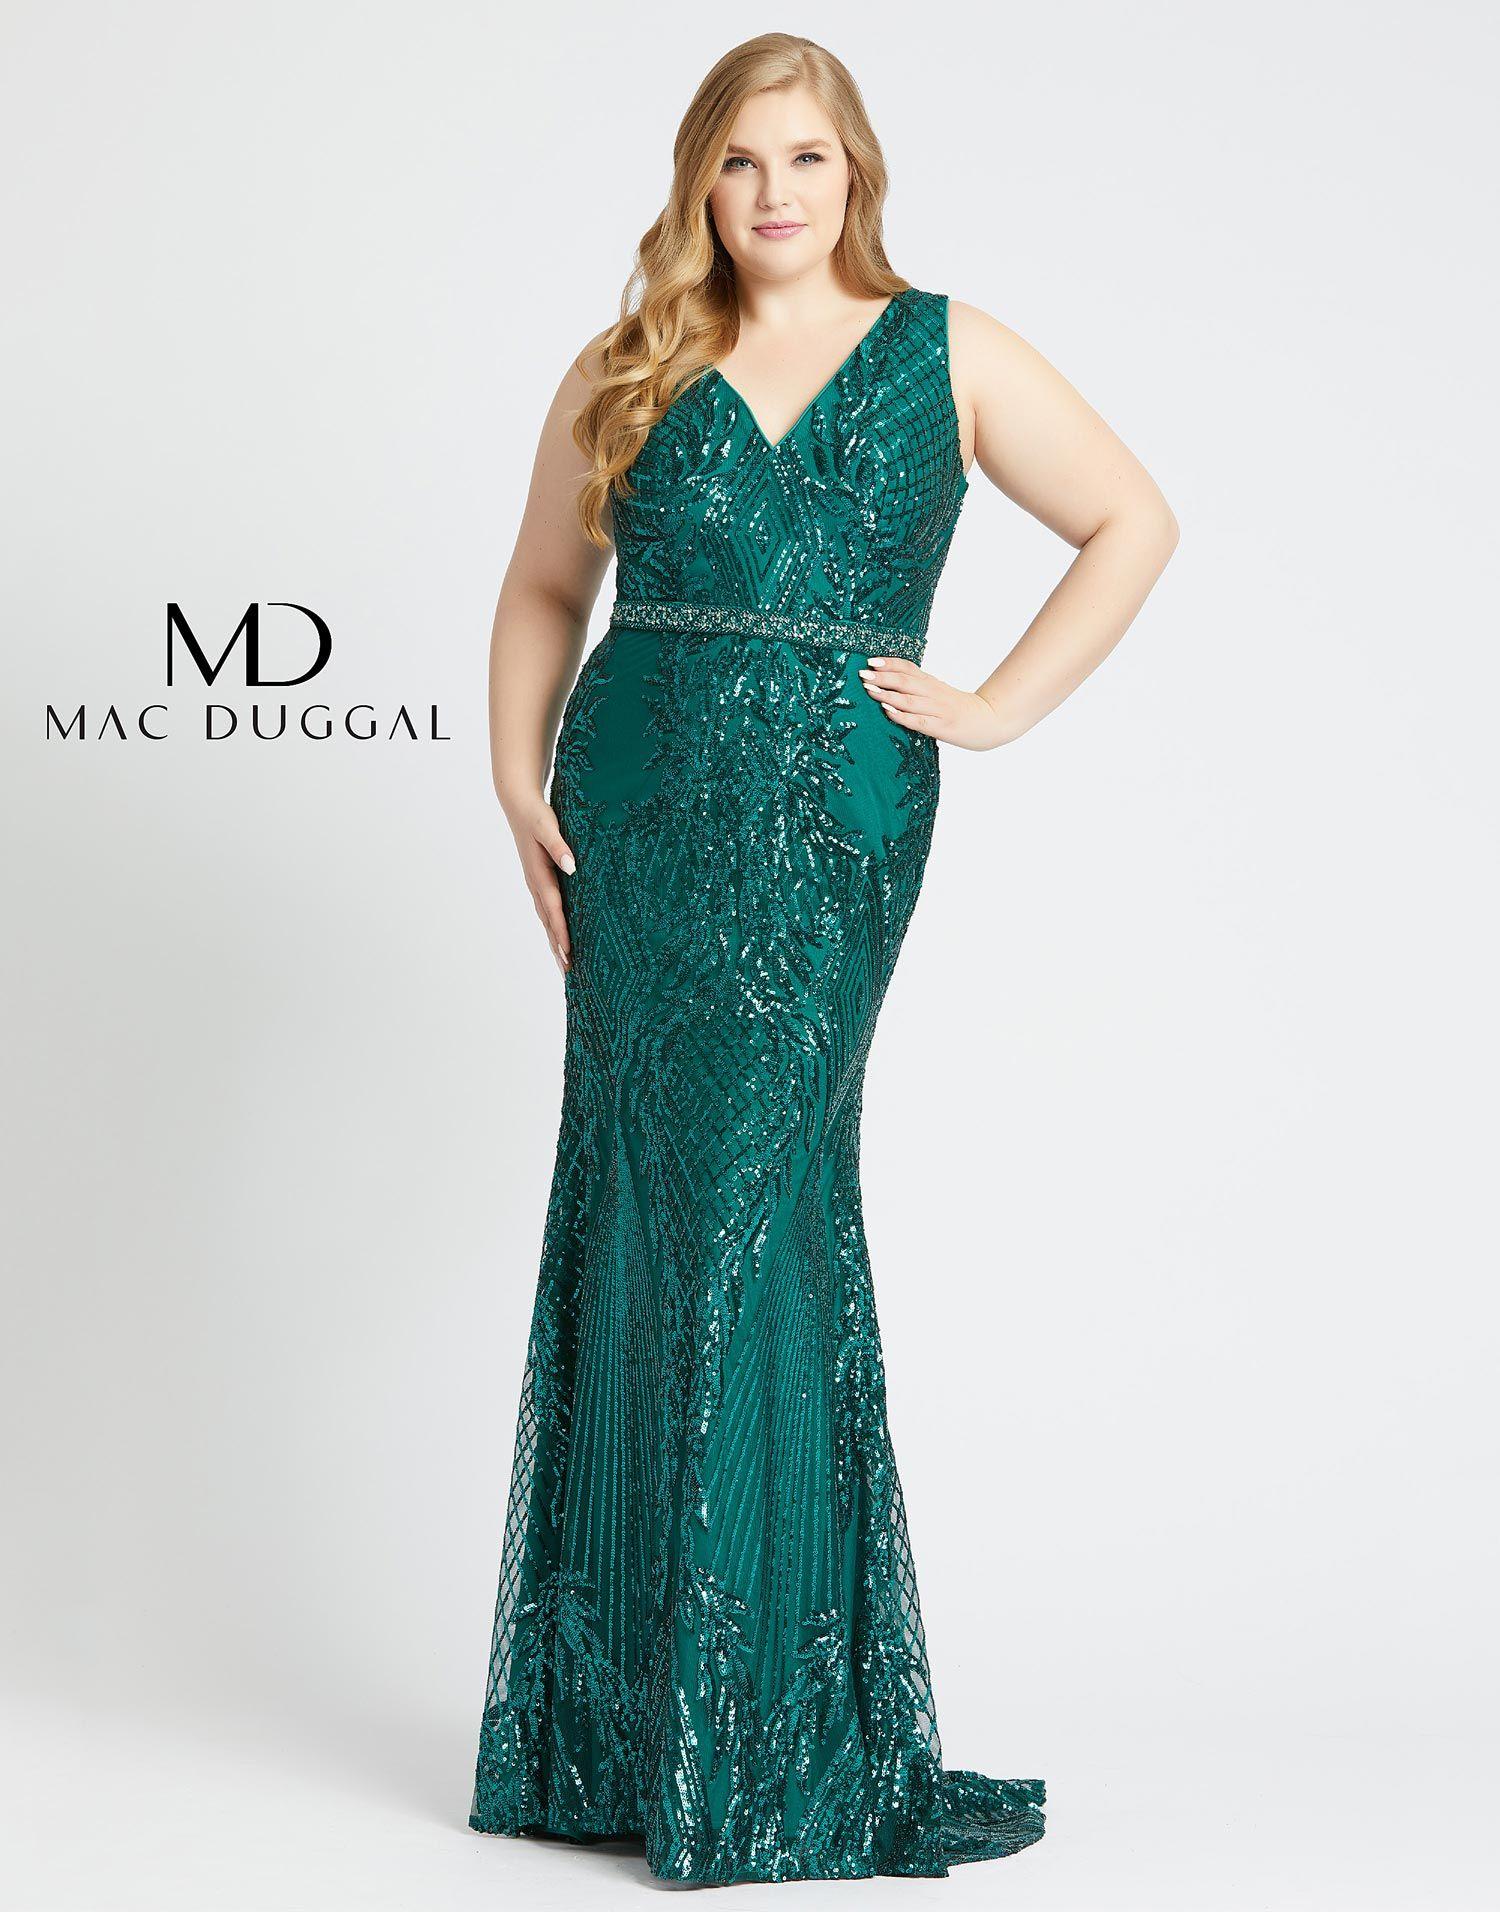 77670f Mac Duggal Plus Size Prom Dress Plus Size Prom Dresses Dresses Mothers Dresses [ 1912 x 1500 Pixel ]